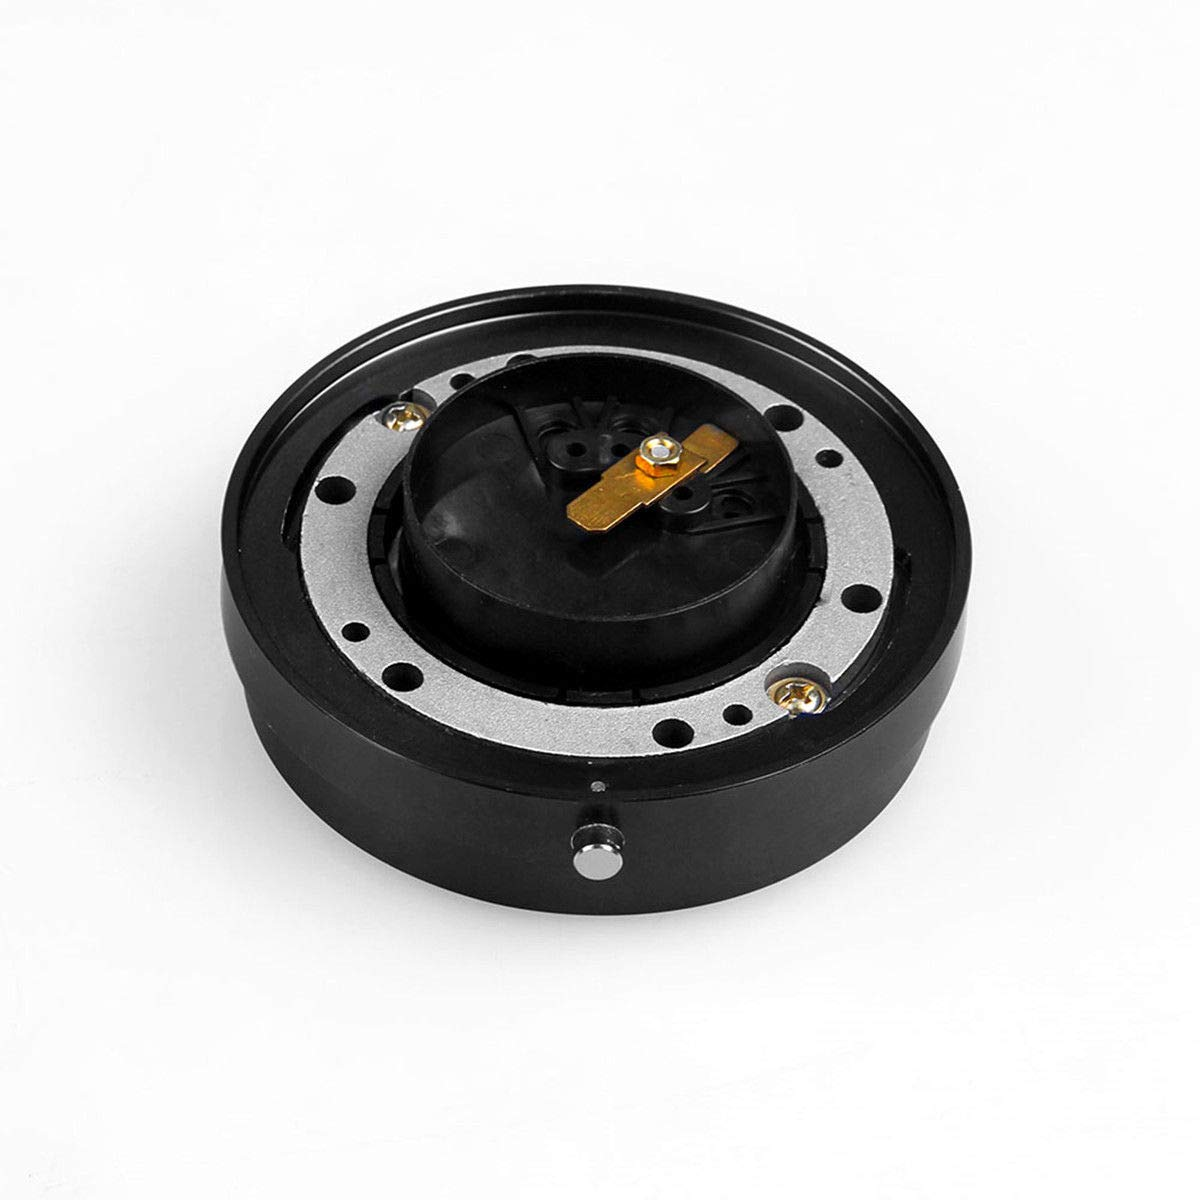 Rot MASO d/ünn Version 6 Loch Lenkrad Quick Release Hub Adapter Snap Off-Boss-Set